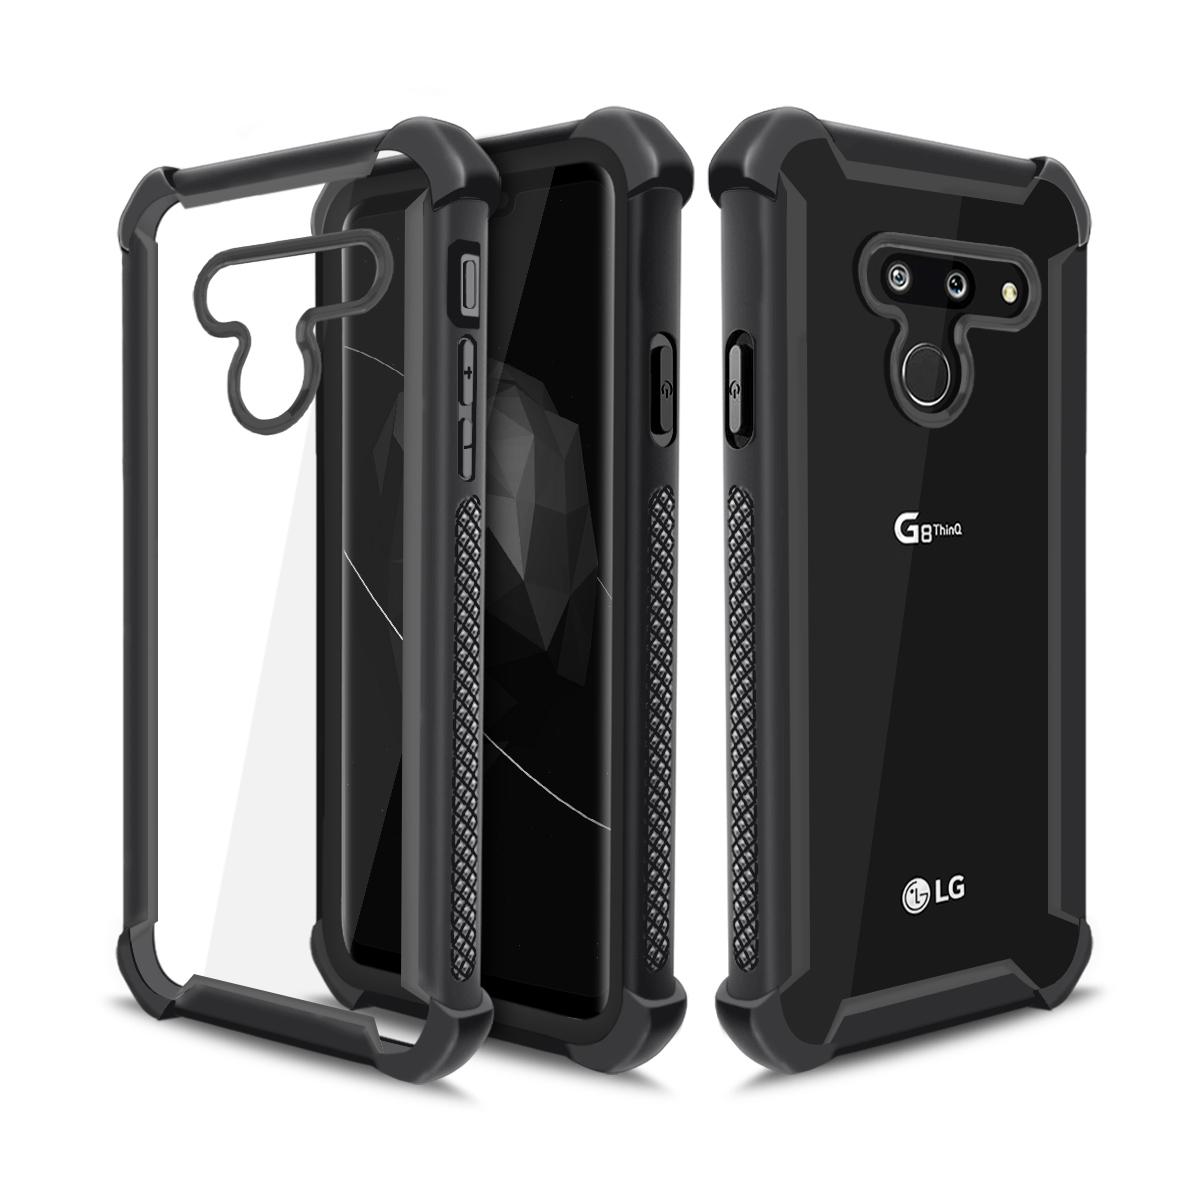 LG-G8-2PCHD-LNCLR-BLK